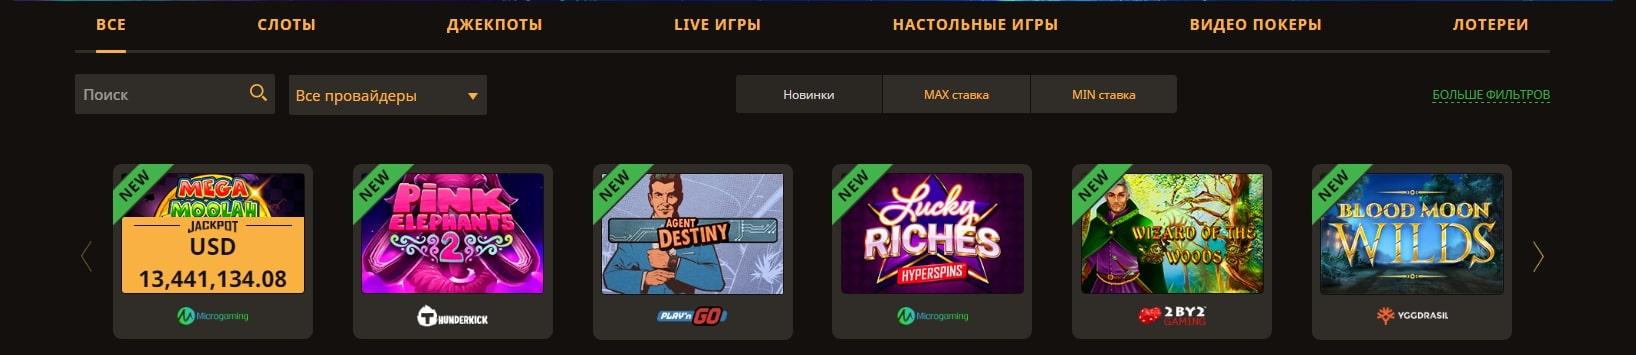 Плей Фортуна Казино Україна — Офіційний сайт Play Fortuna Casino грати на гроші онлайн в році